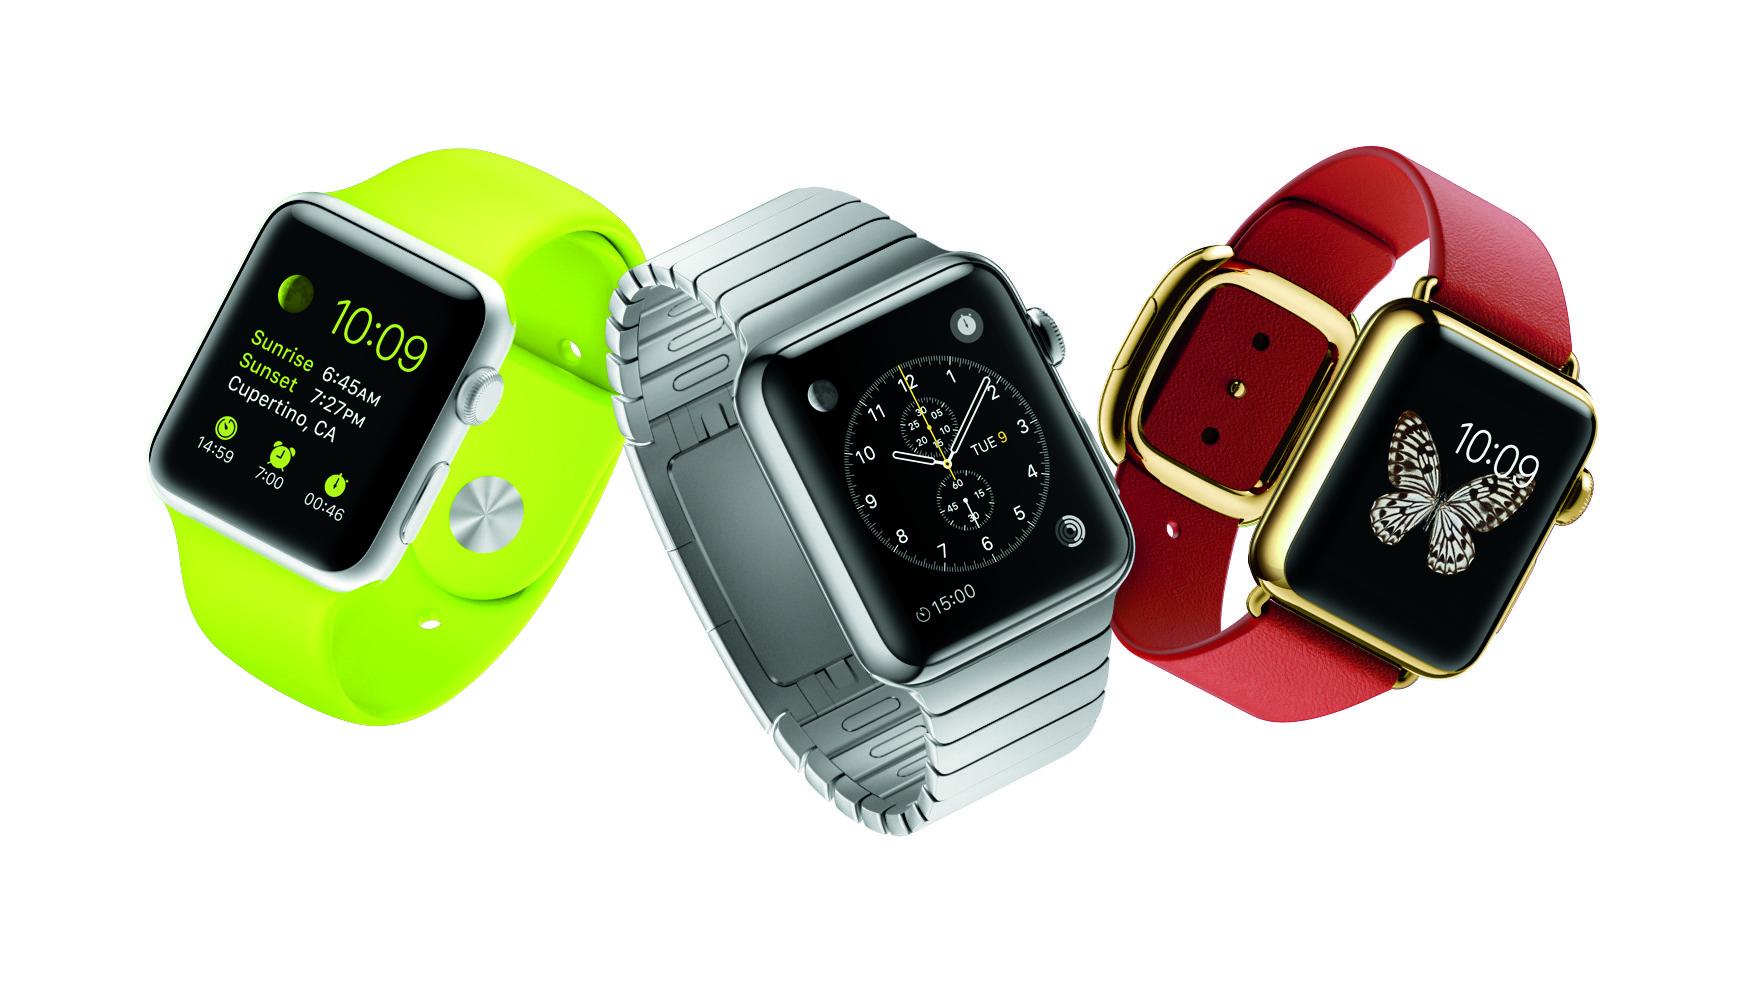 """Apple setzt mit seinem schlicht """"Watch"""" genannten Gerät, das 2015 auf den Markt kommt, ganz auf klassisches Uhrendesign."""